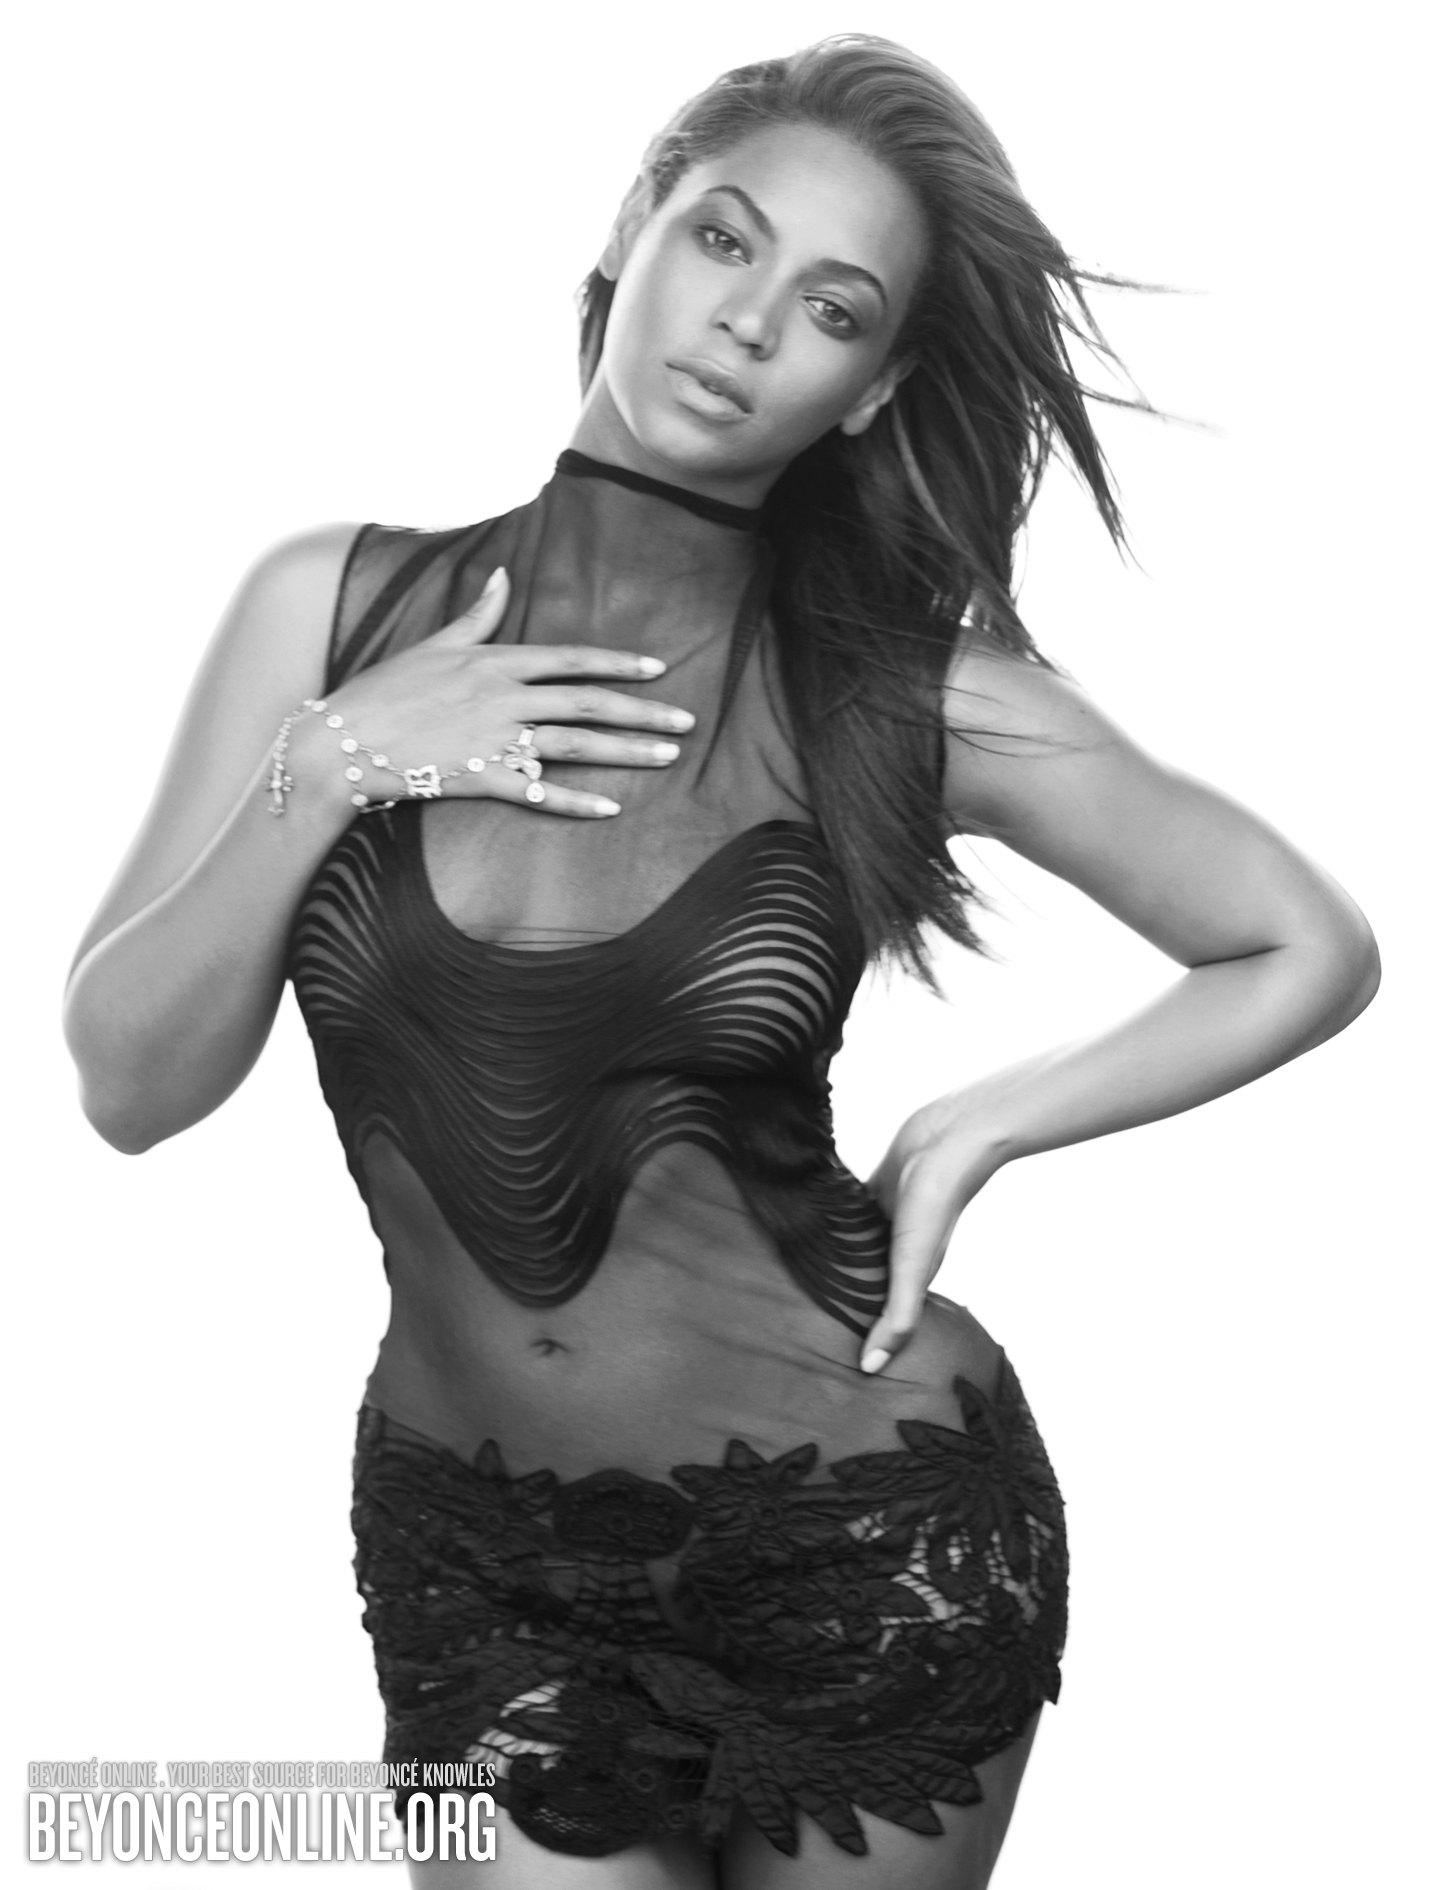 Beyonce Sasha Fierce Photoshoot | www.pixshark.com ...